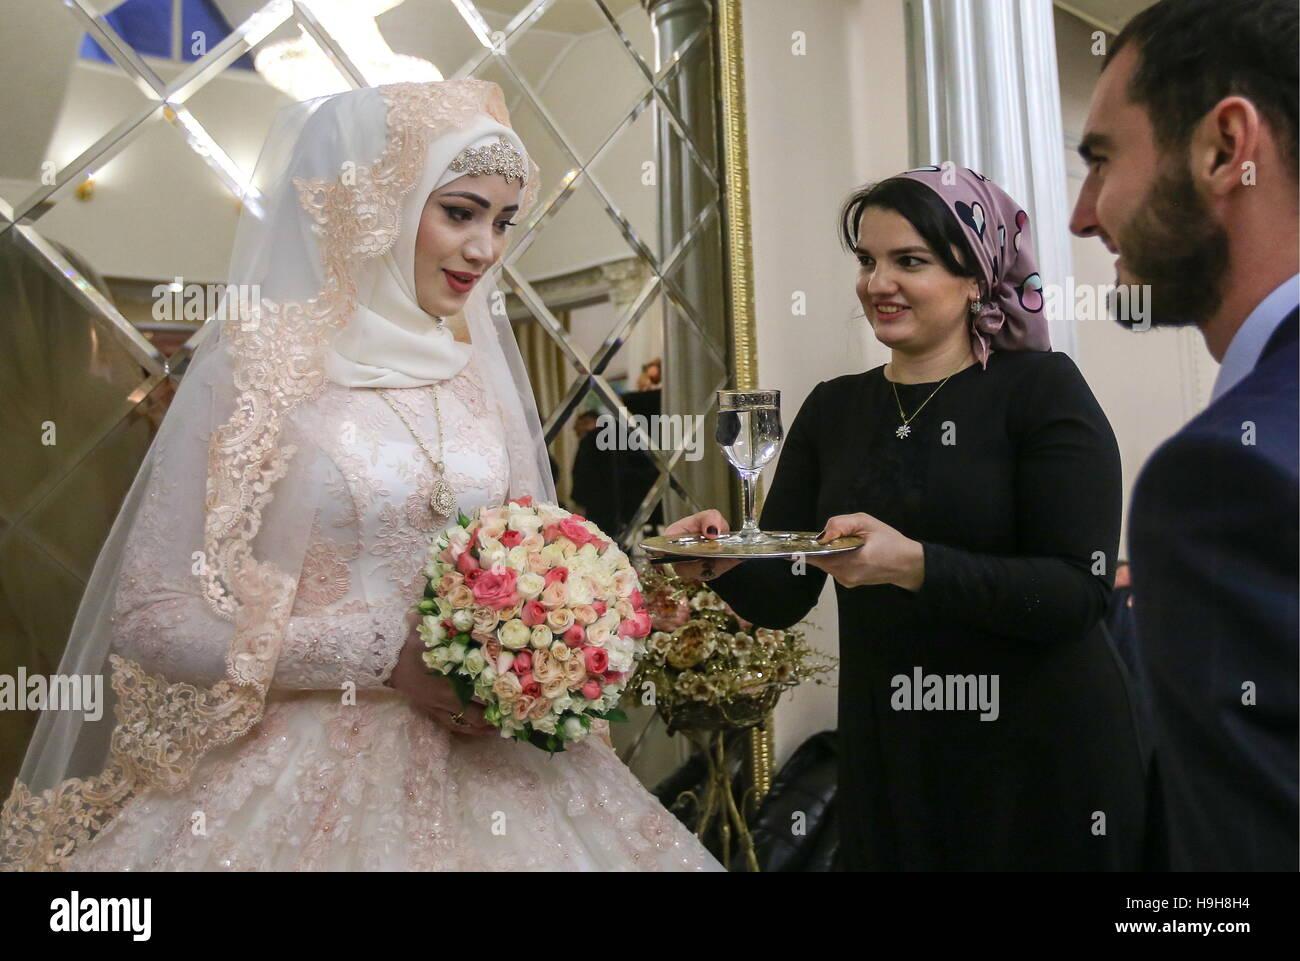 Matrimonio In Russia : Fotografi di matrimonio di san pietroburgo della russia wpja